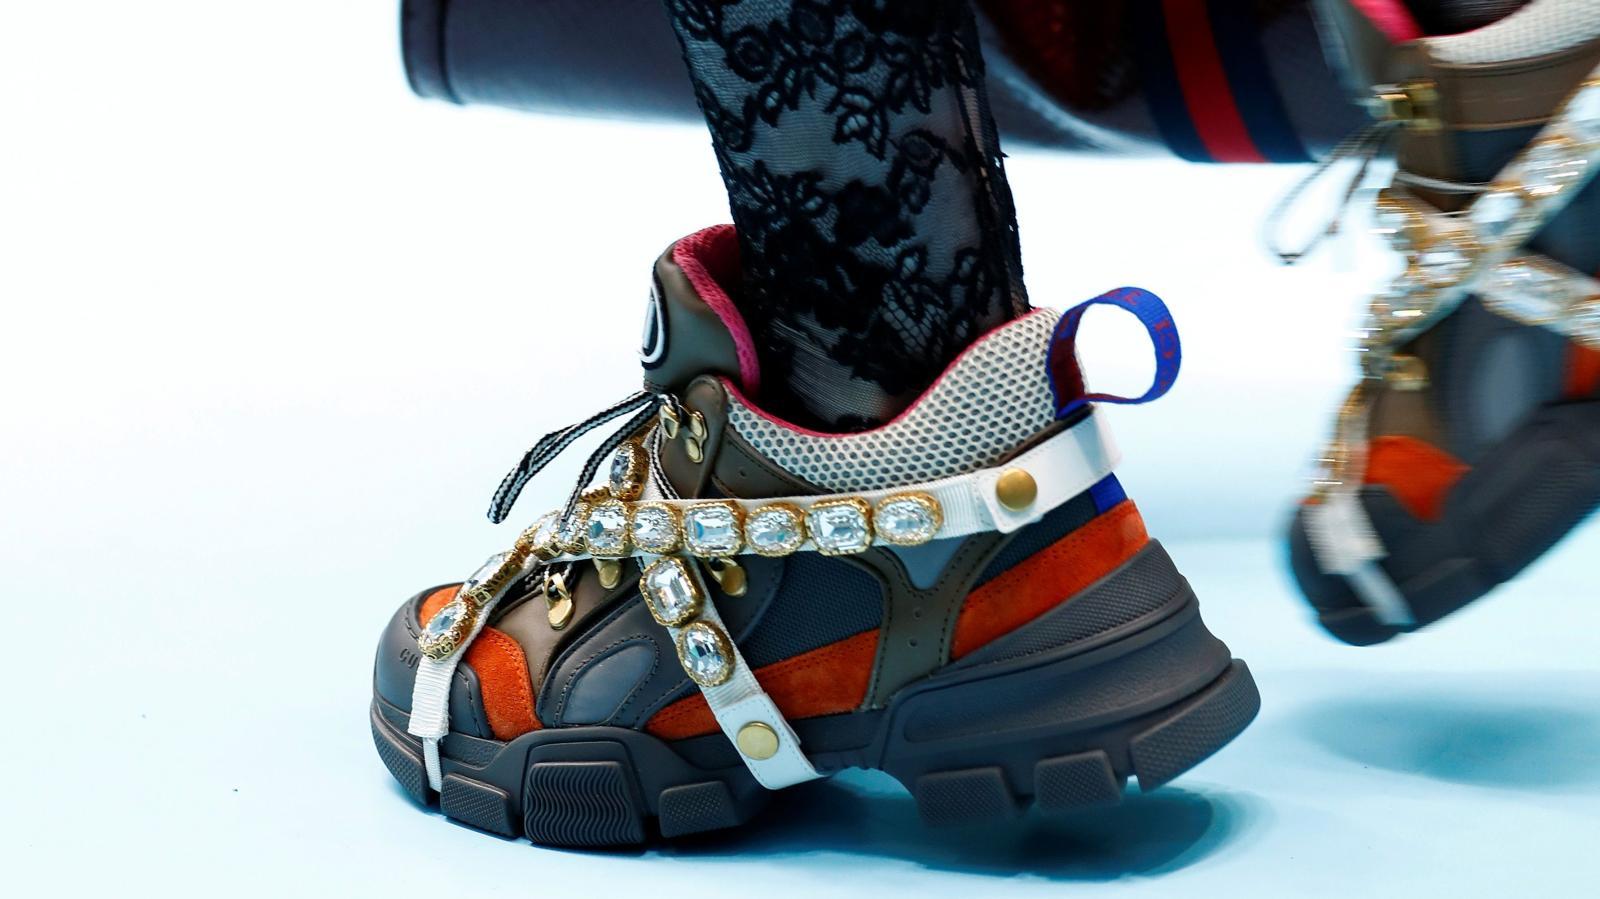 gucci - Sneaker Culture